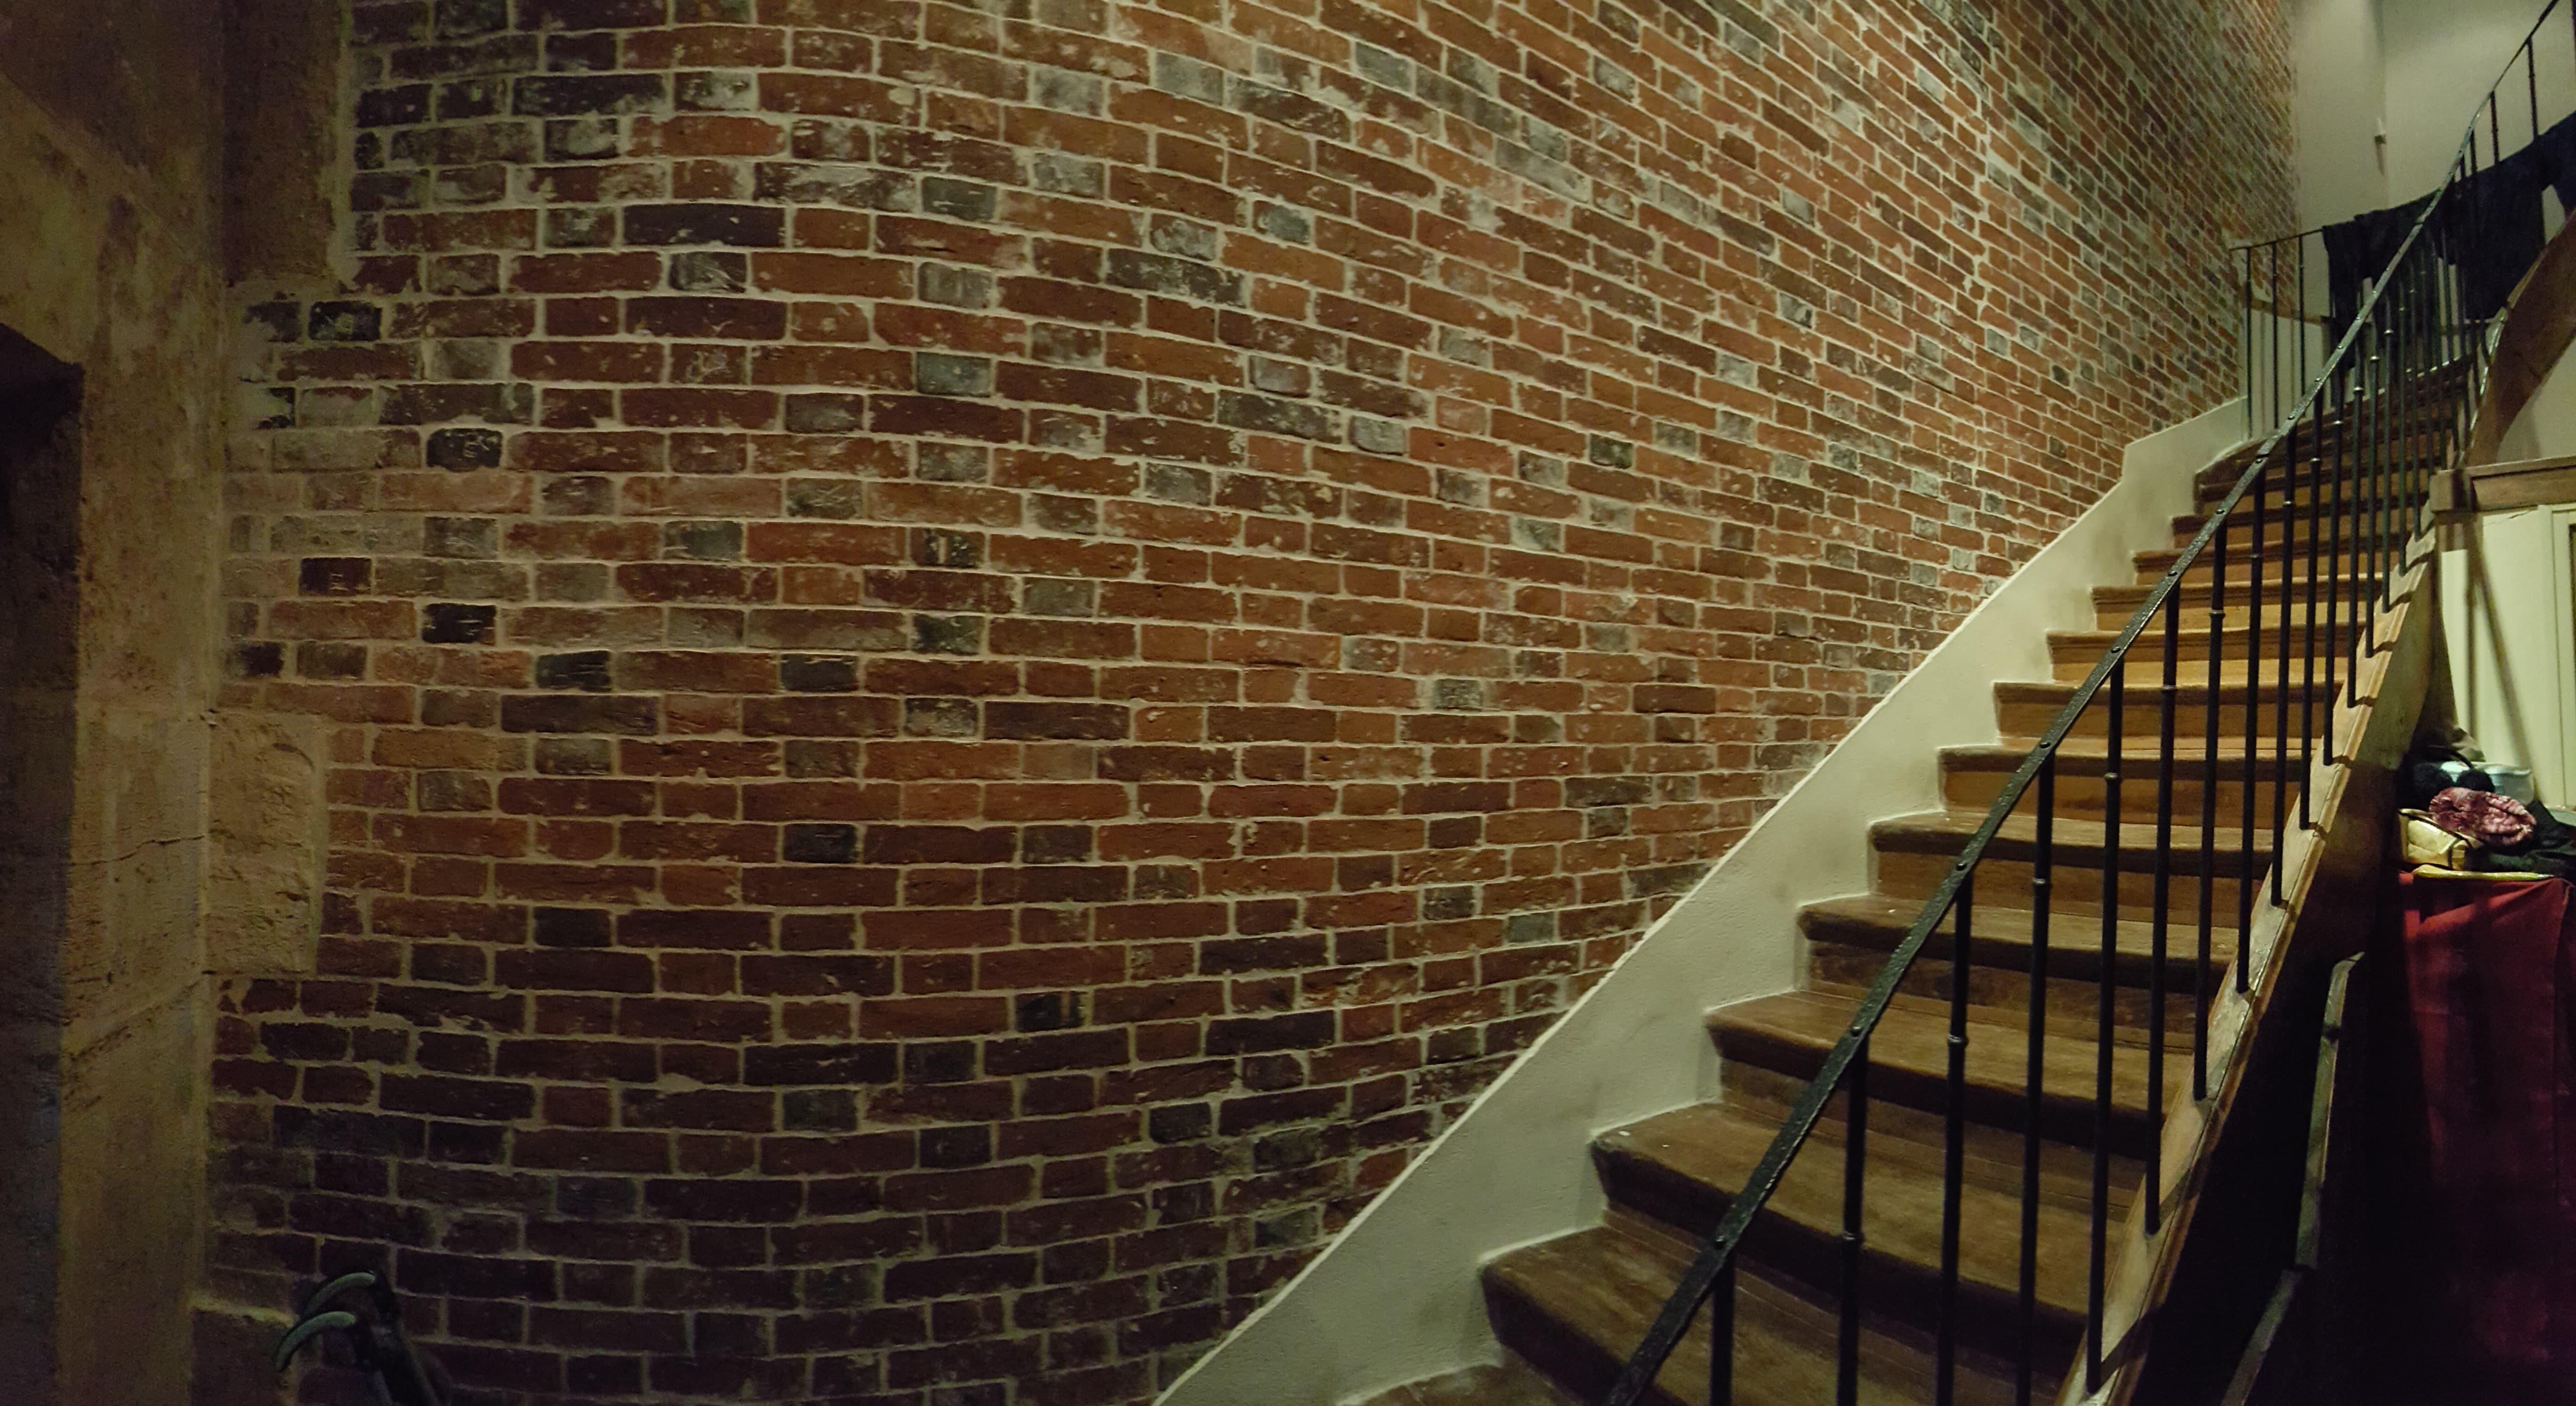 travaux-de-renovation-mur-de-brique-11-nettoyage-detachage-et-retapage-des-joints-societe-texas-batiment-min